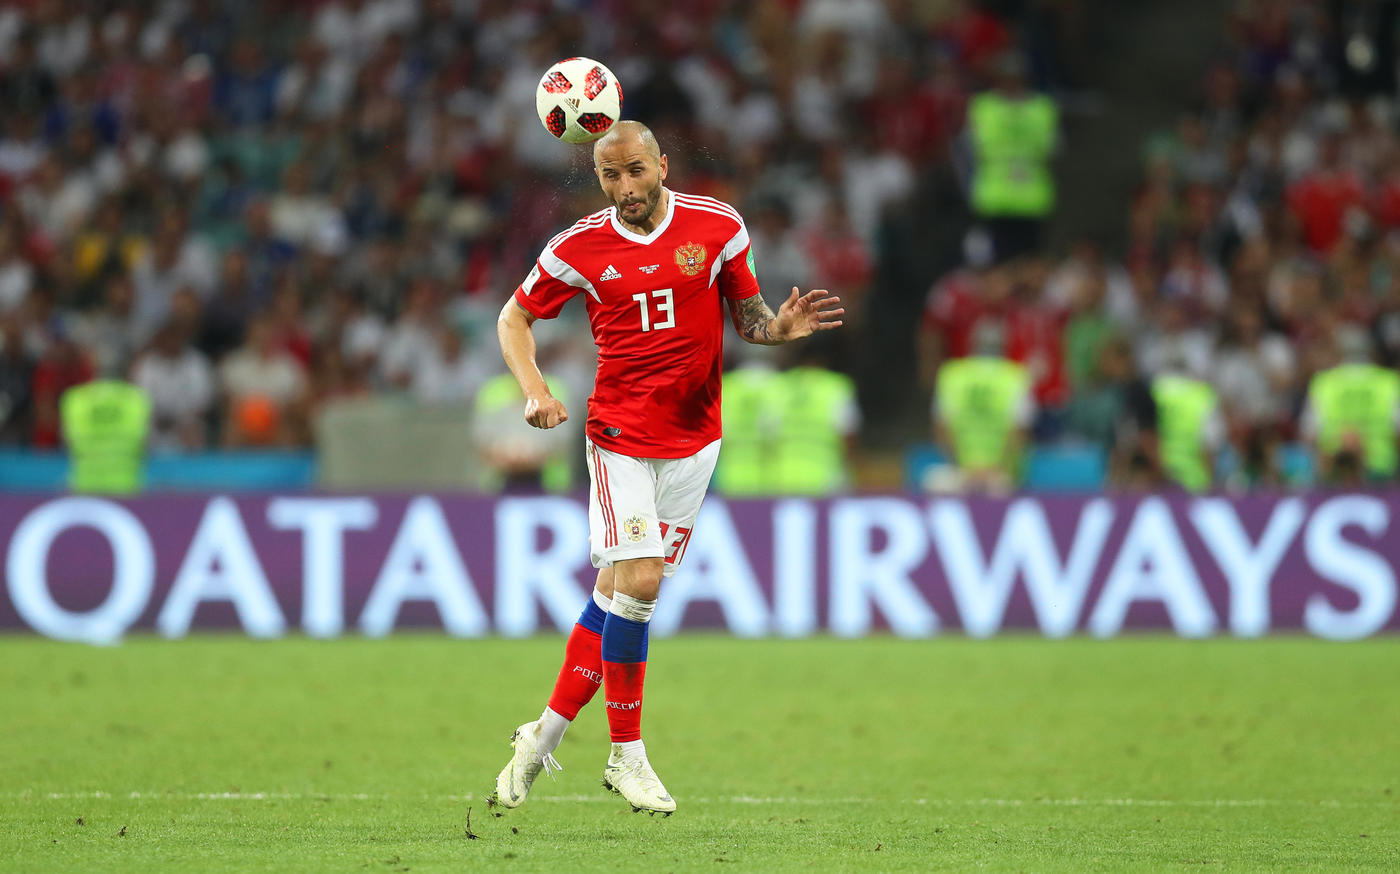 Почему Федор Кудряшов может построить мощную карьеру в Турции - фото